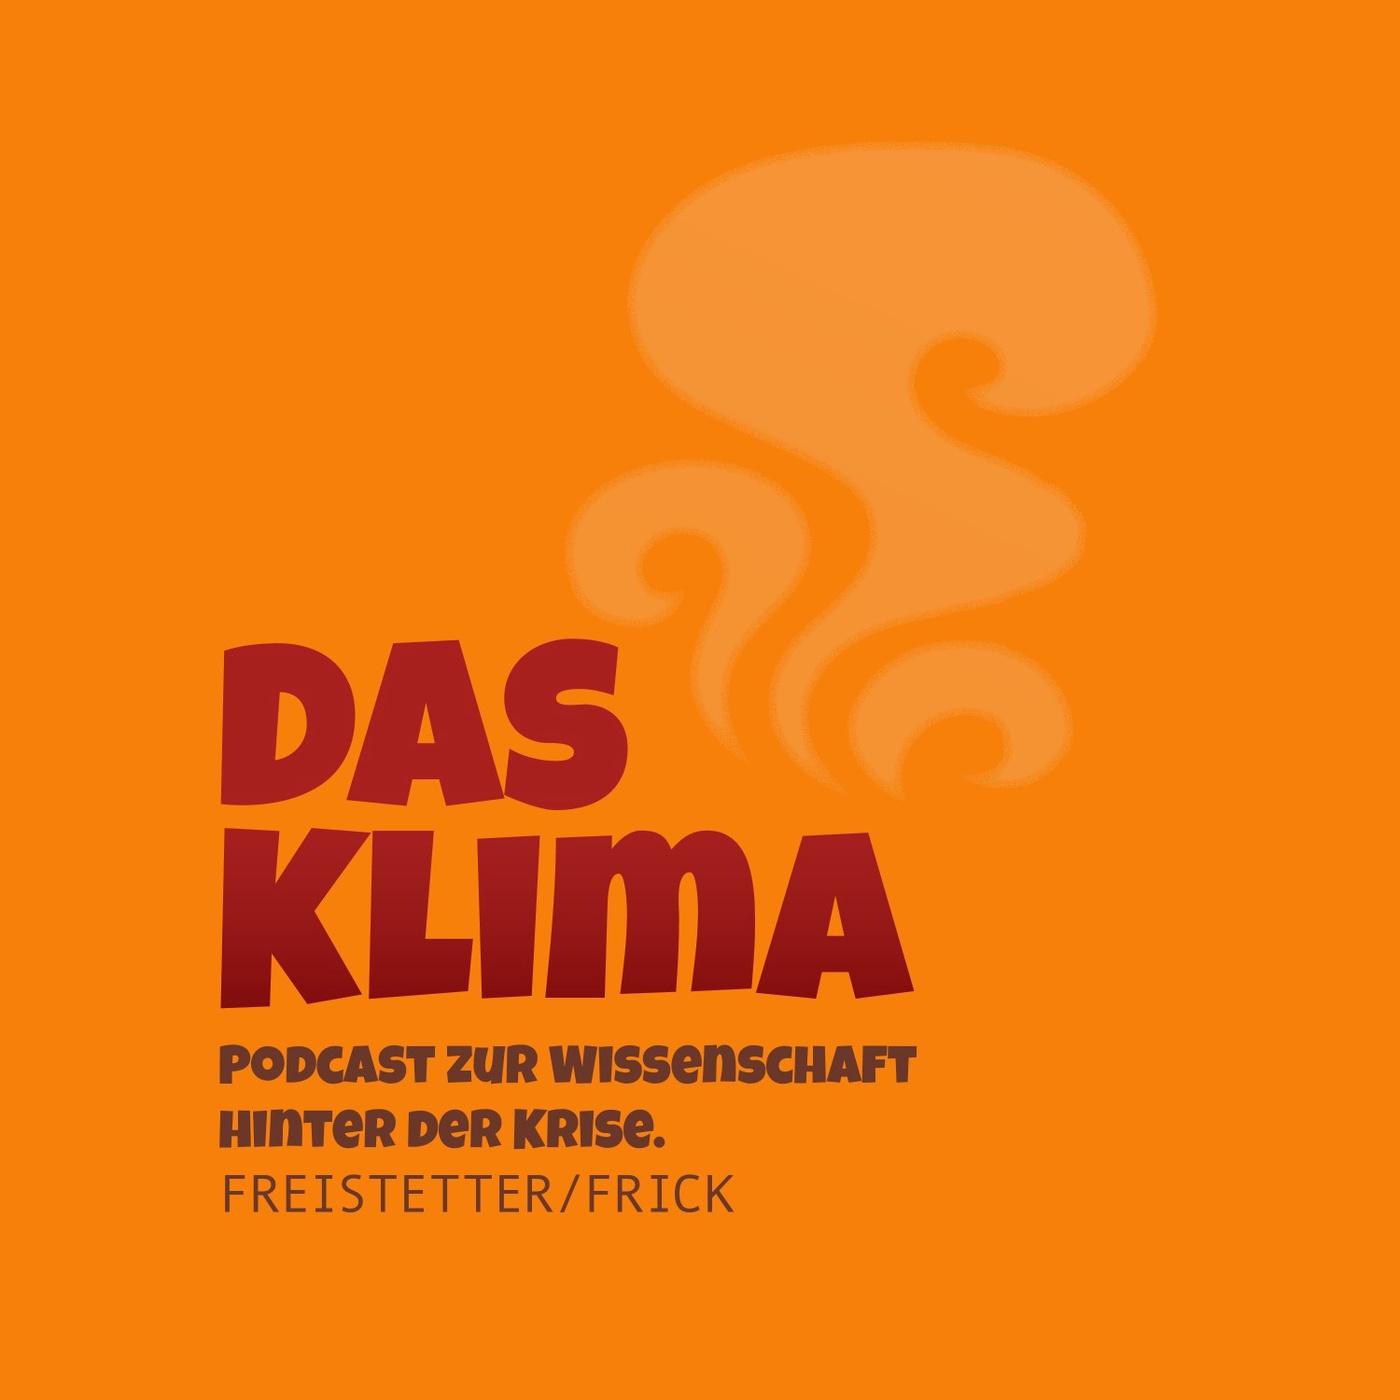 DK003 - Wie spricht man über das Klima?